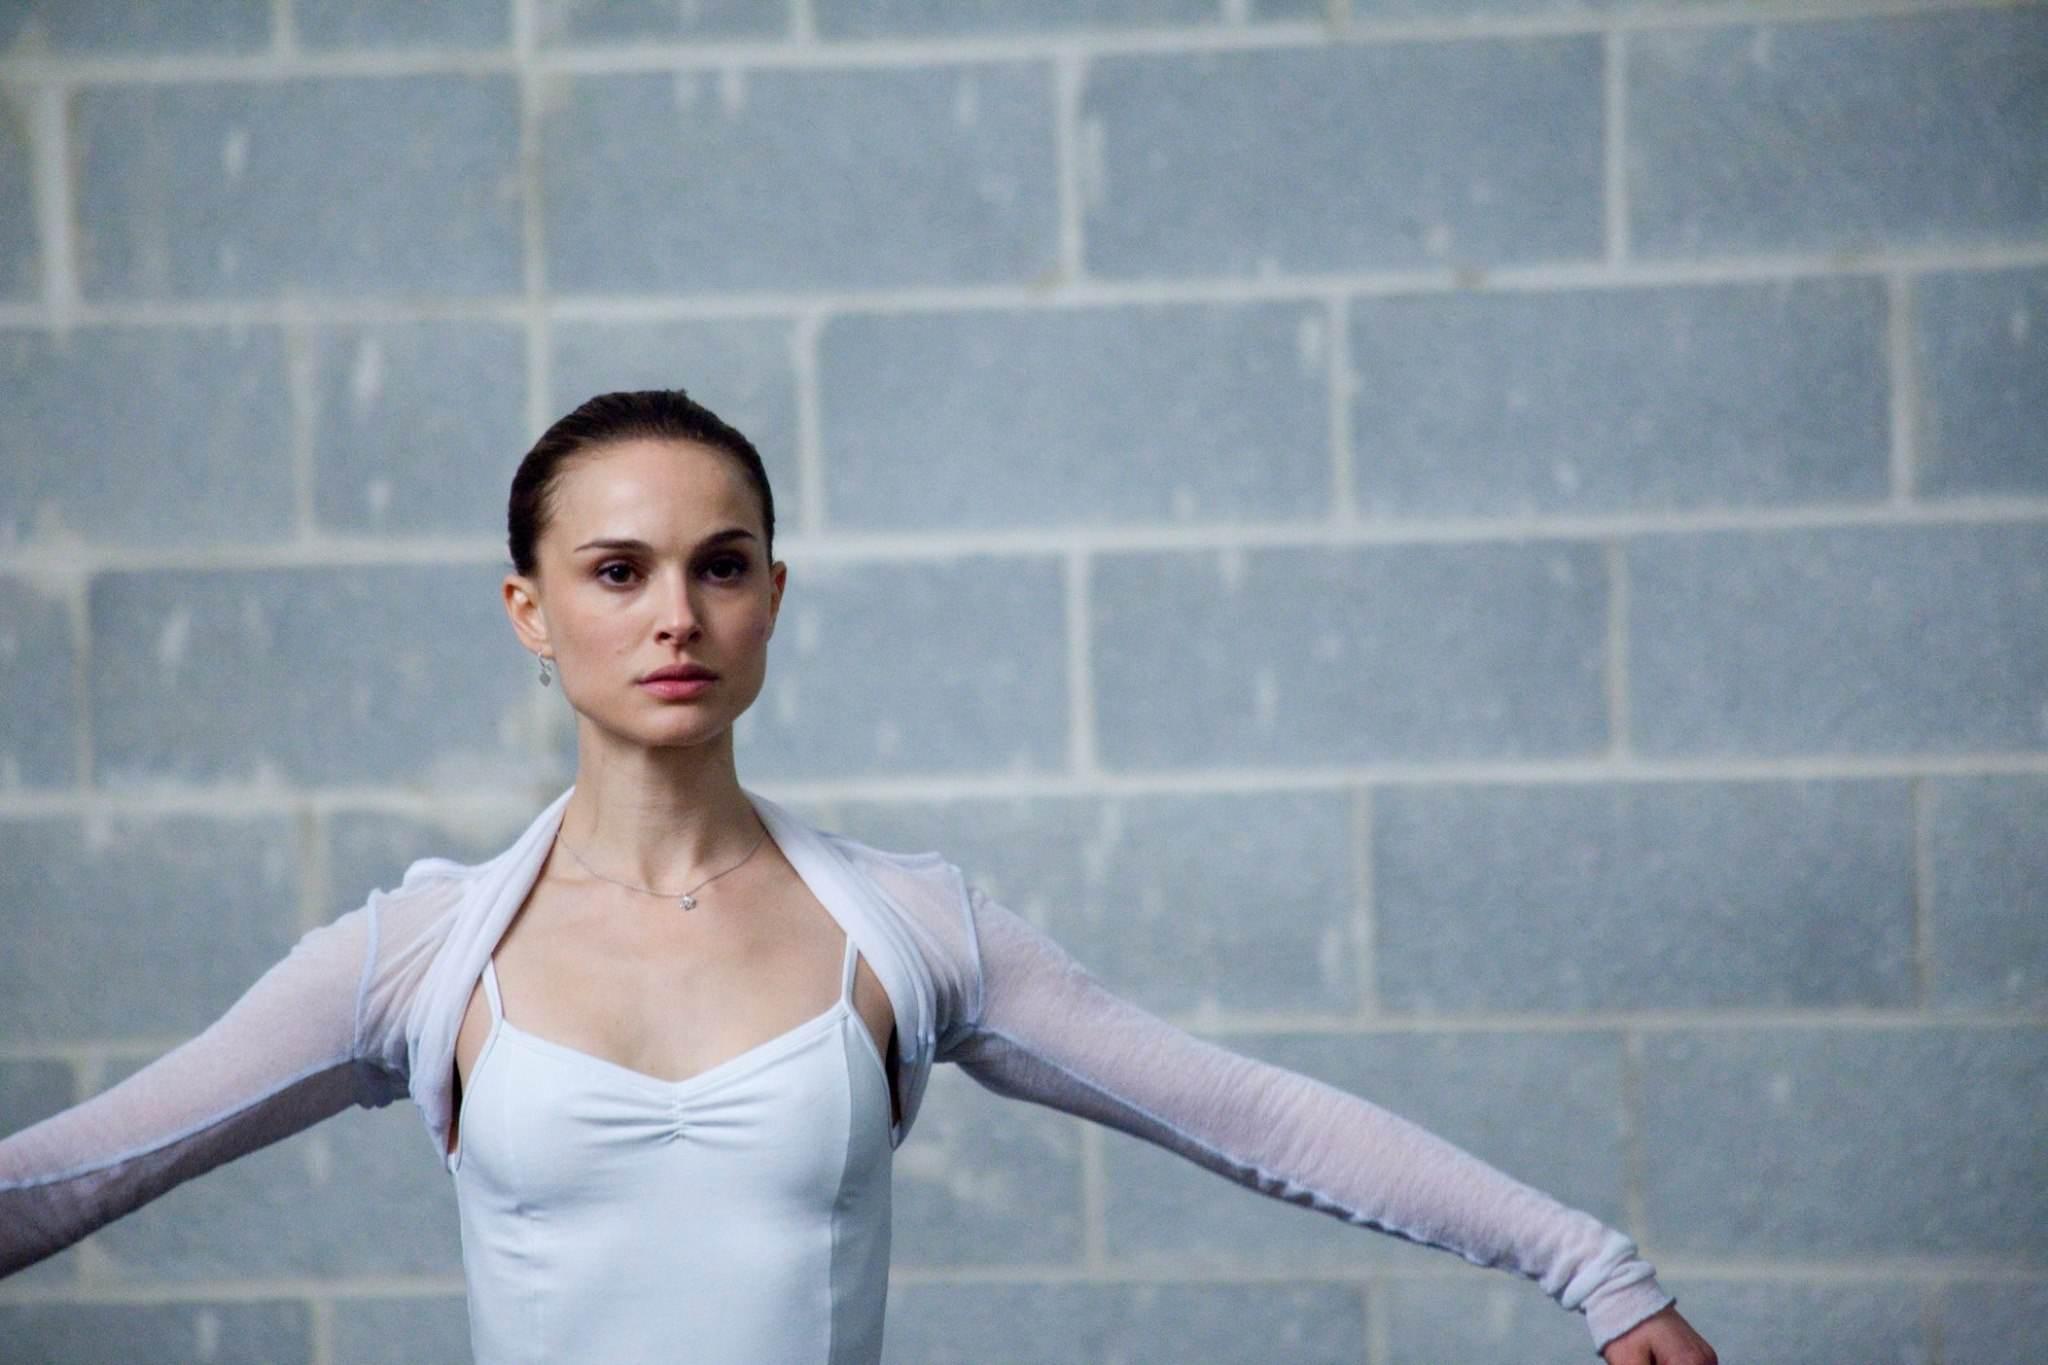 娜塔莉波曼 智商高達140 以電影《黑天鵝》獲得奧斯卡最佳女主角的娜塔莉‧波曼(Natalie Portman),畢業於哈佛大學,並曾在以色列的希伯來大學(Hebrew University)修習研究生課程,更通曉6國語言。